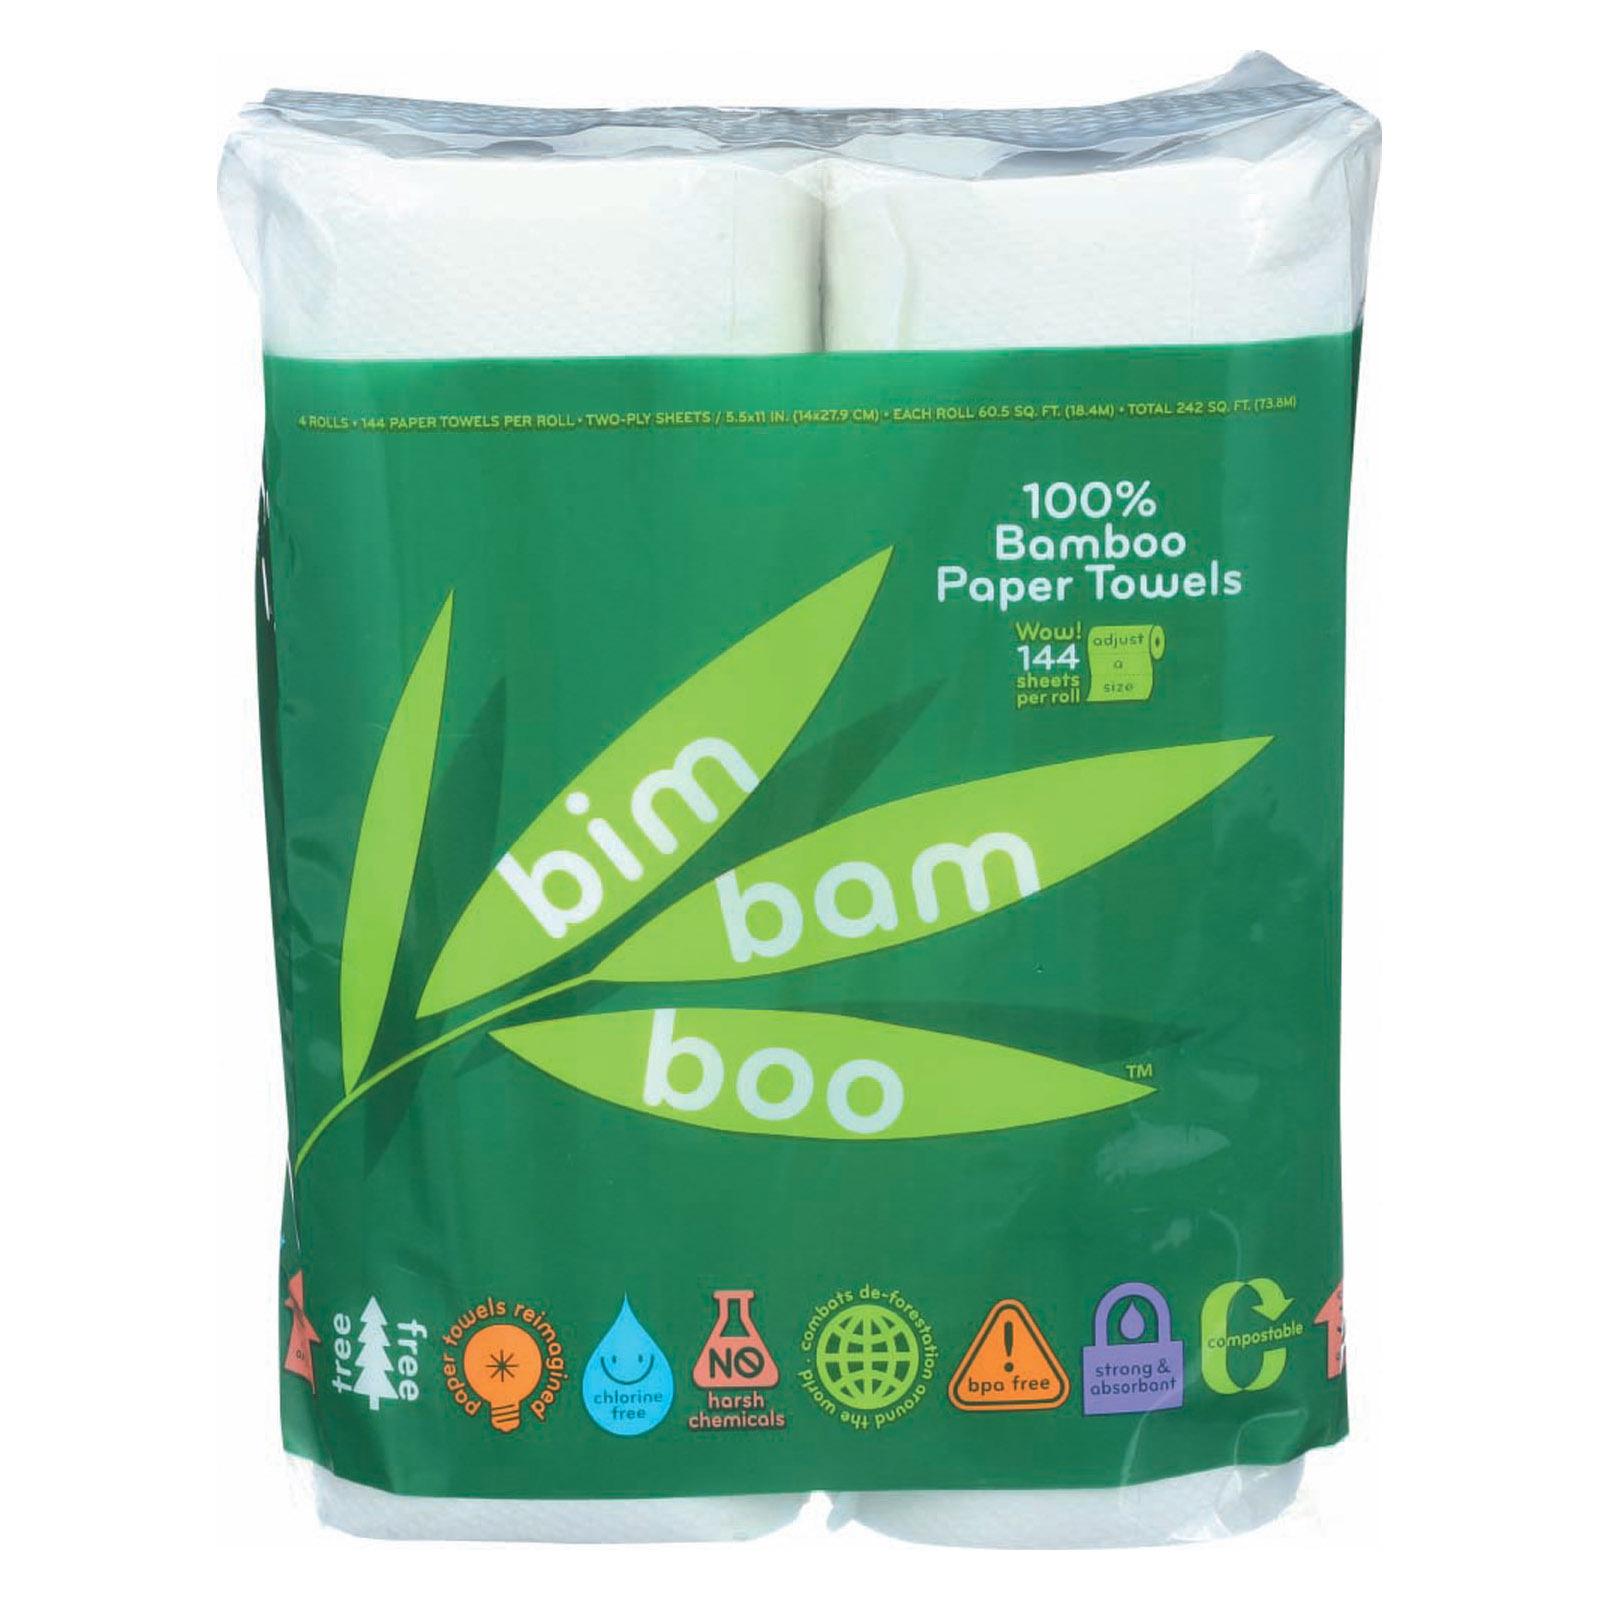 Bim Bam Boo Paper Towels - Case of 8 - 4 roll